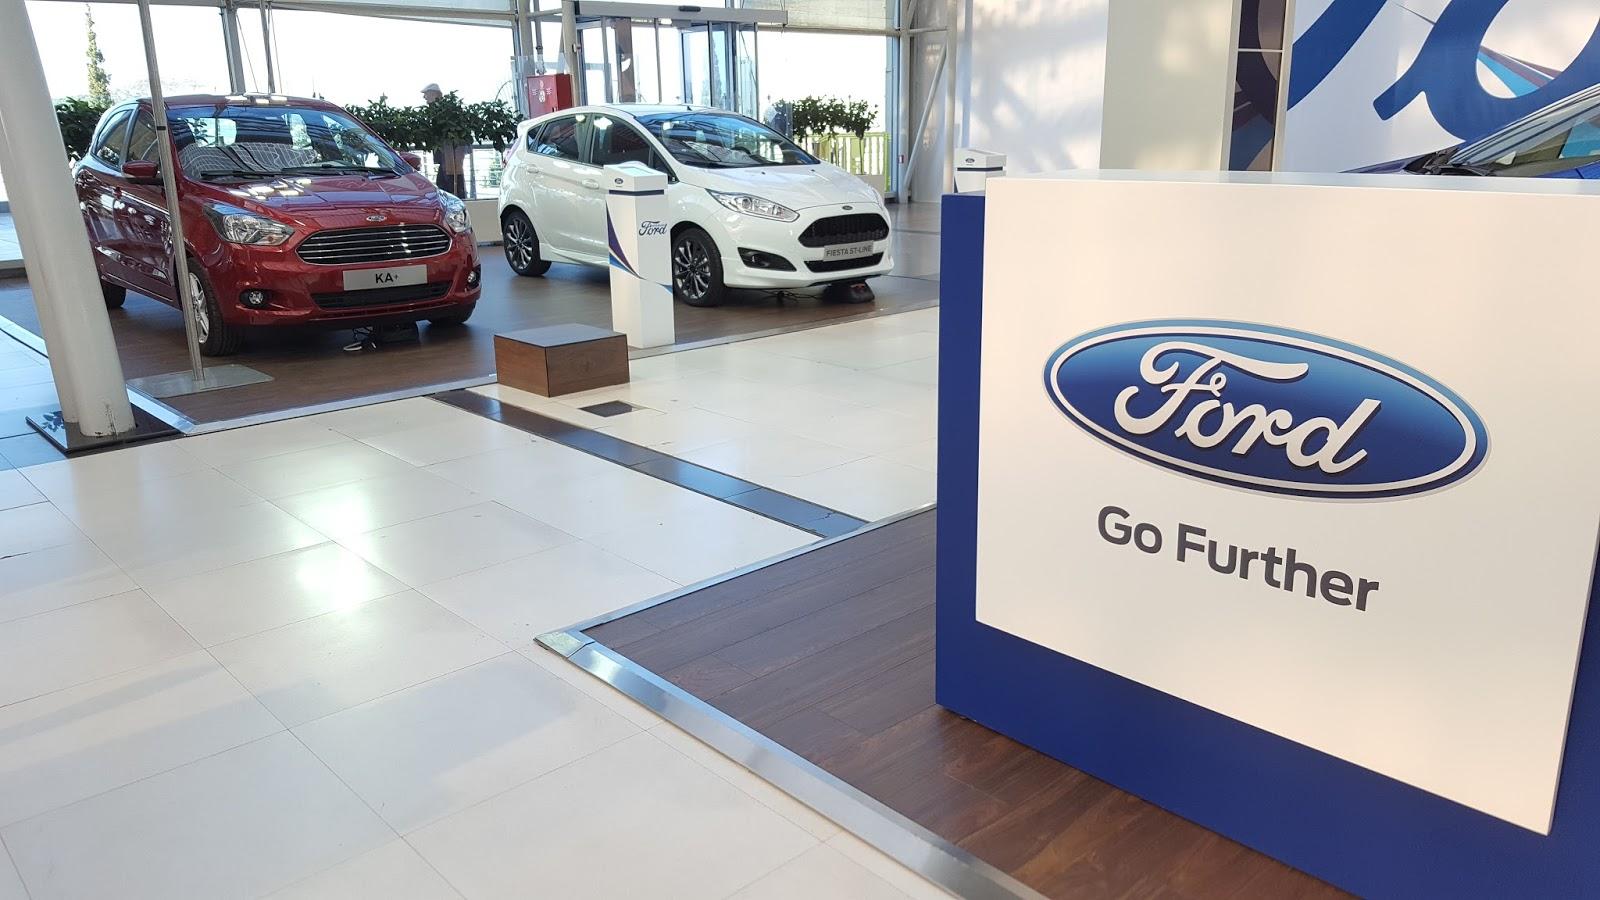 20160928 091100 Δείτε όλα τα νέα μοντέλα Ford στο The Mall Athens Ford, Ford EcoSport, Ford Fiesta ST-Line, Ford Focus RS, Ford KA+